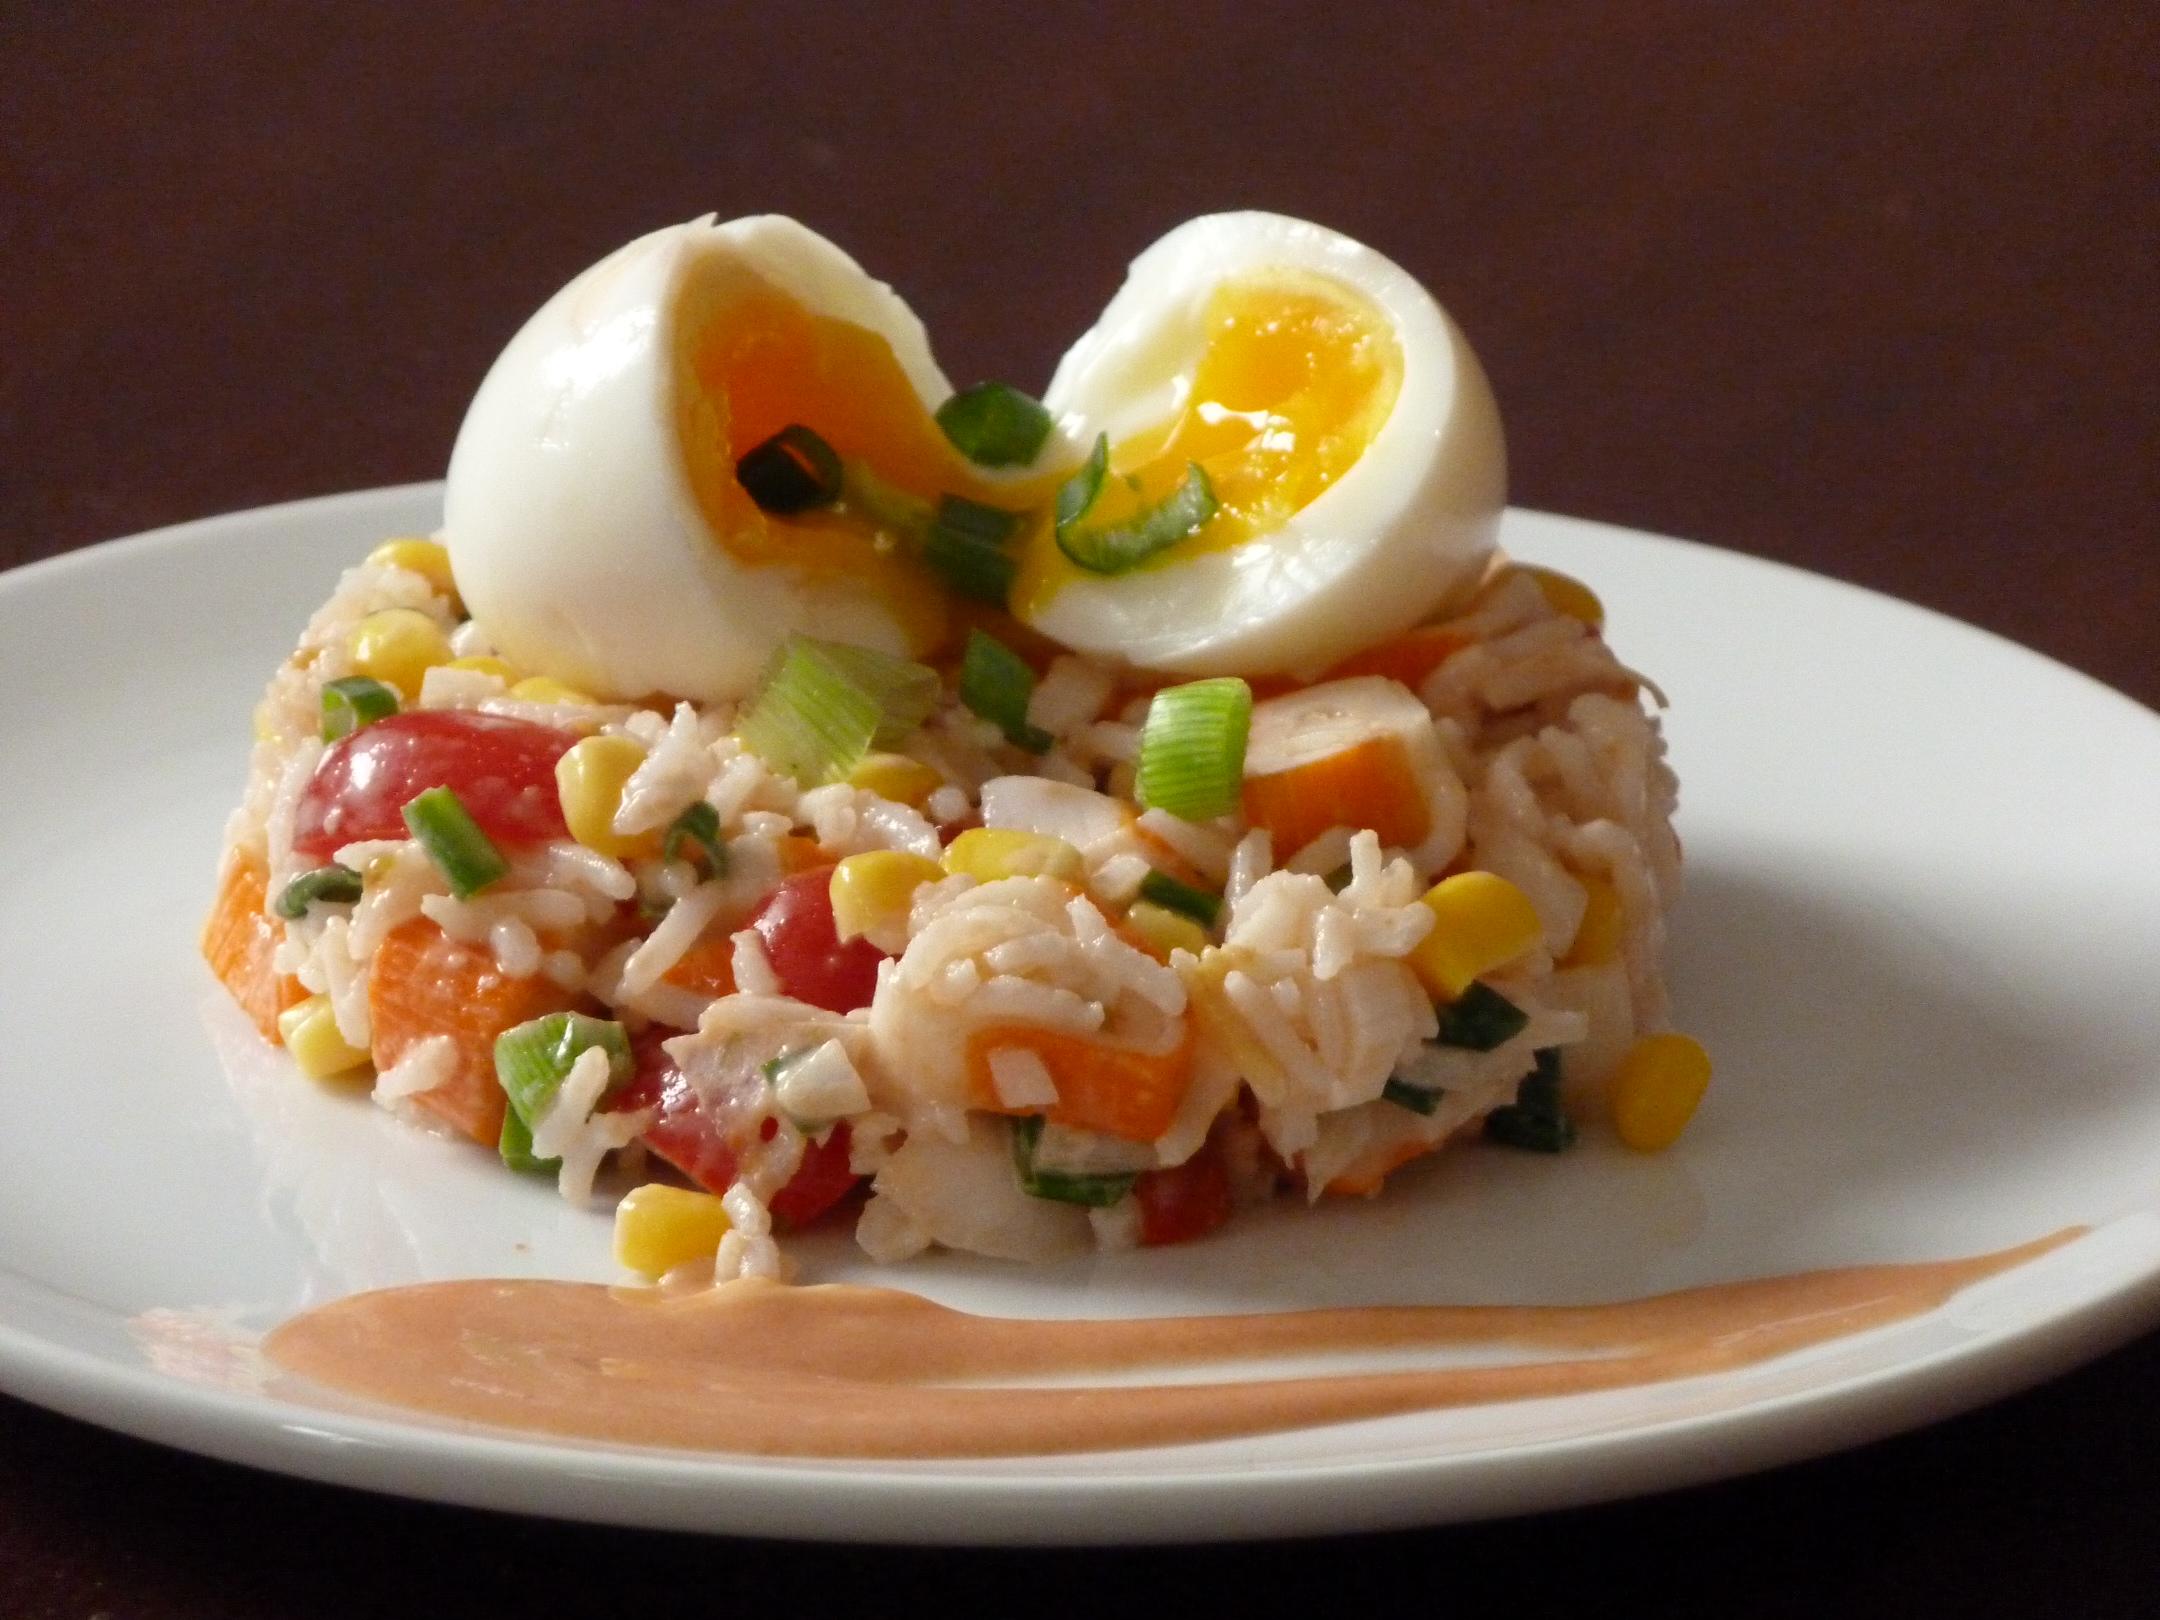 Salade de riz aux b tonnets de crabe oignon nouveau et oeuf mollet la cuisine de stephy - Peut on donner du riz cuit aux oiseaux ...